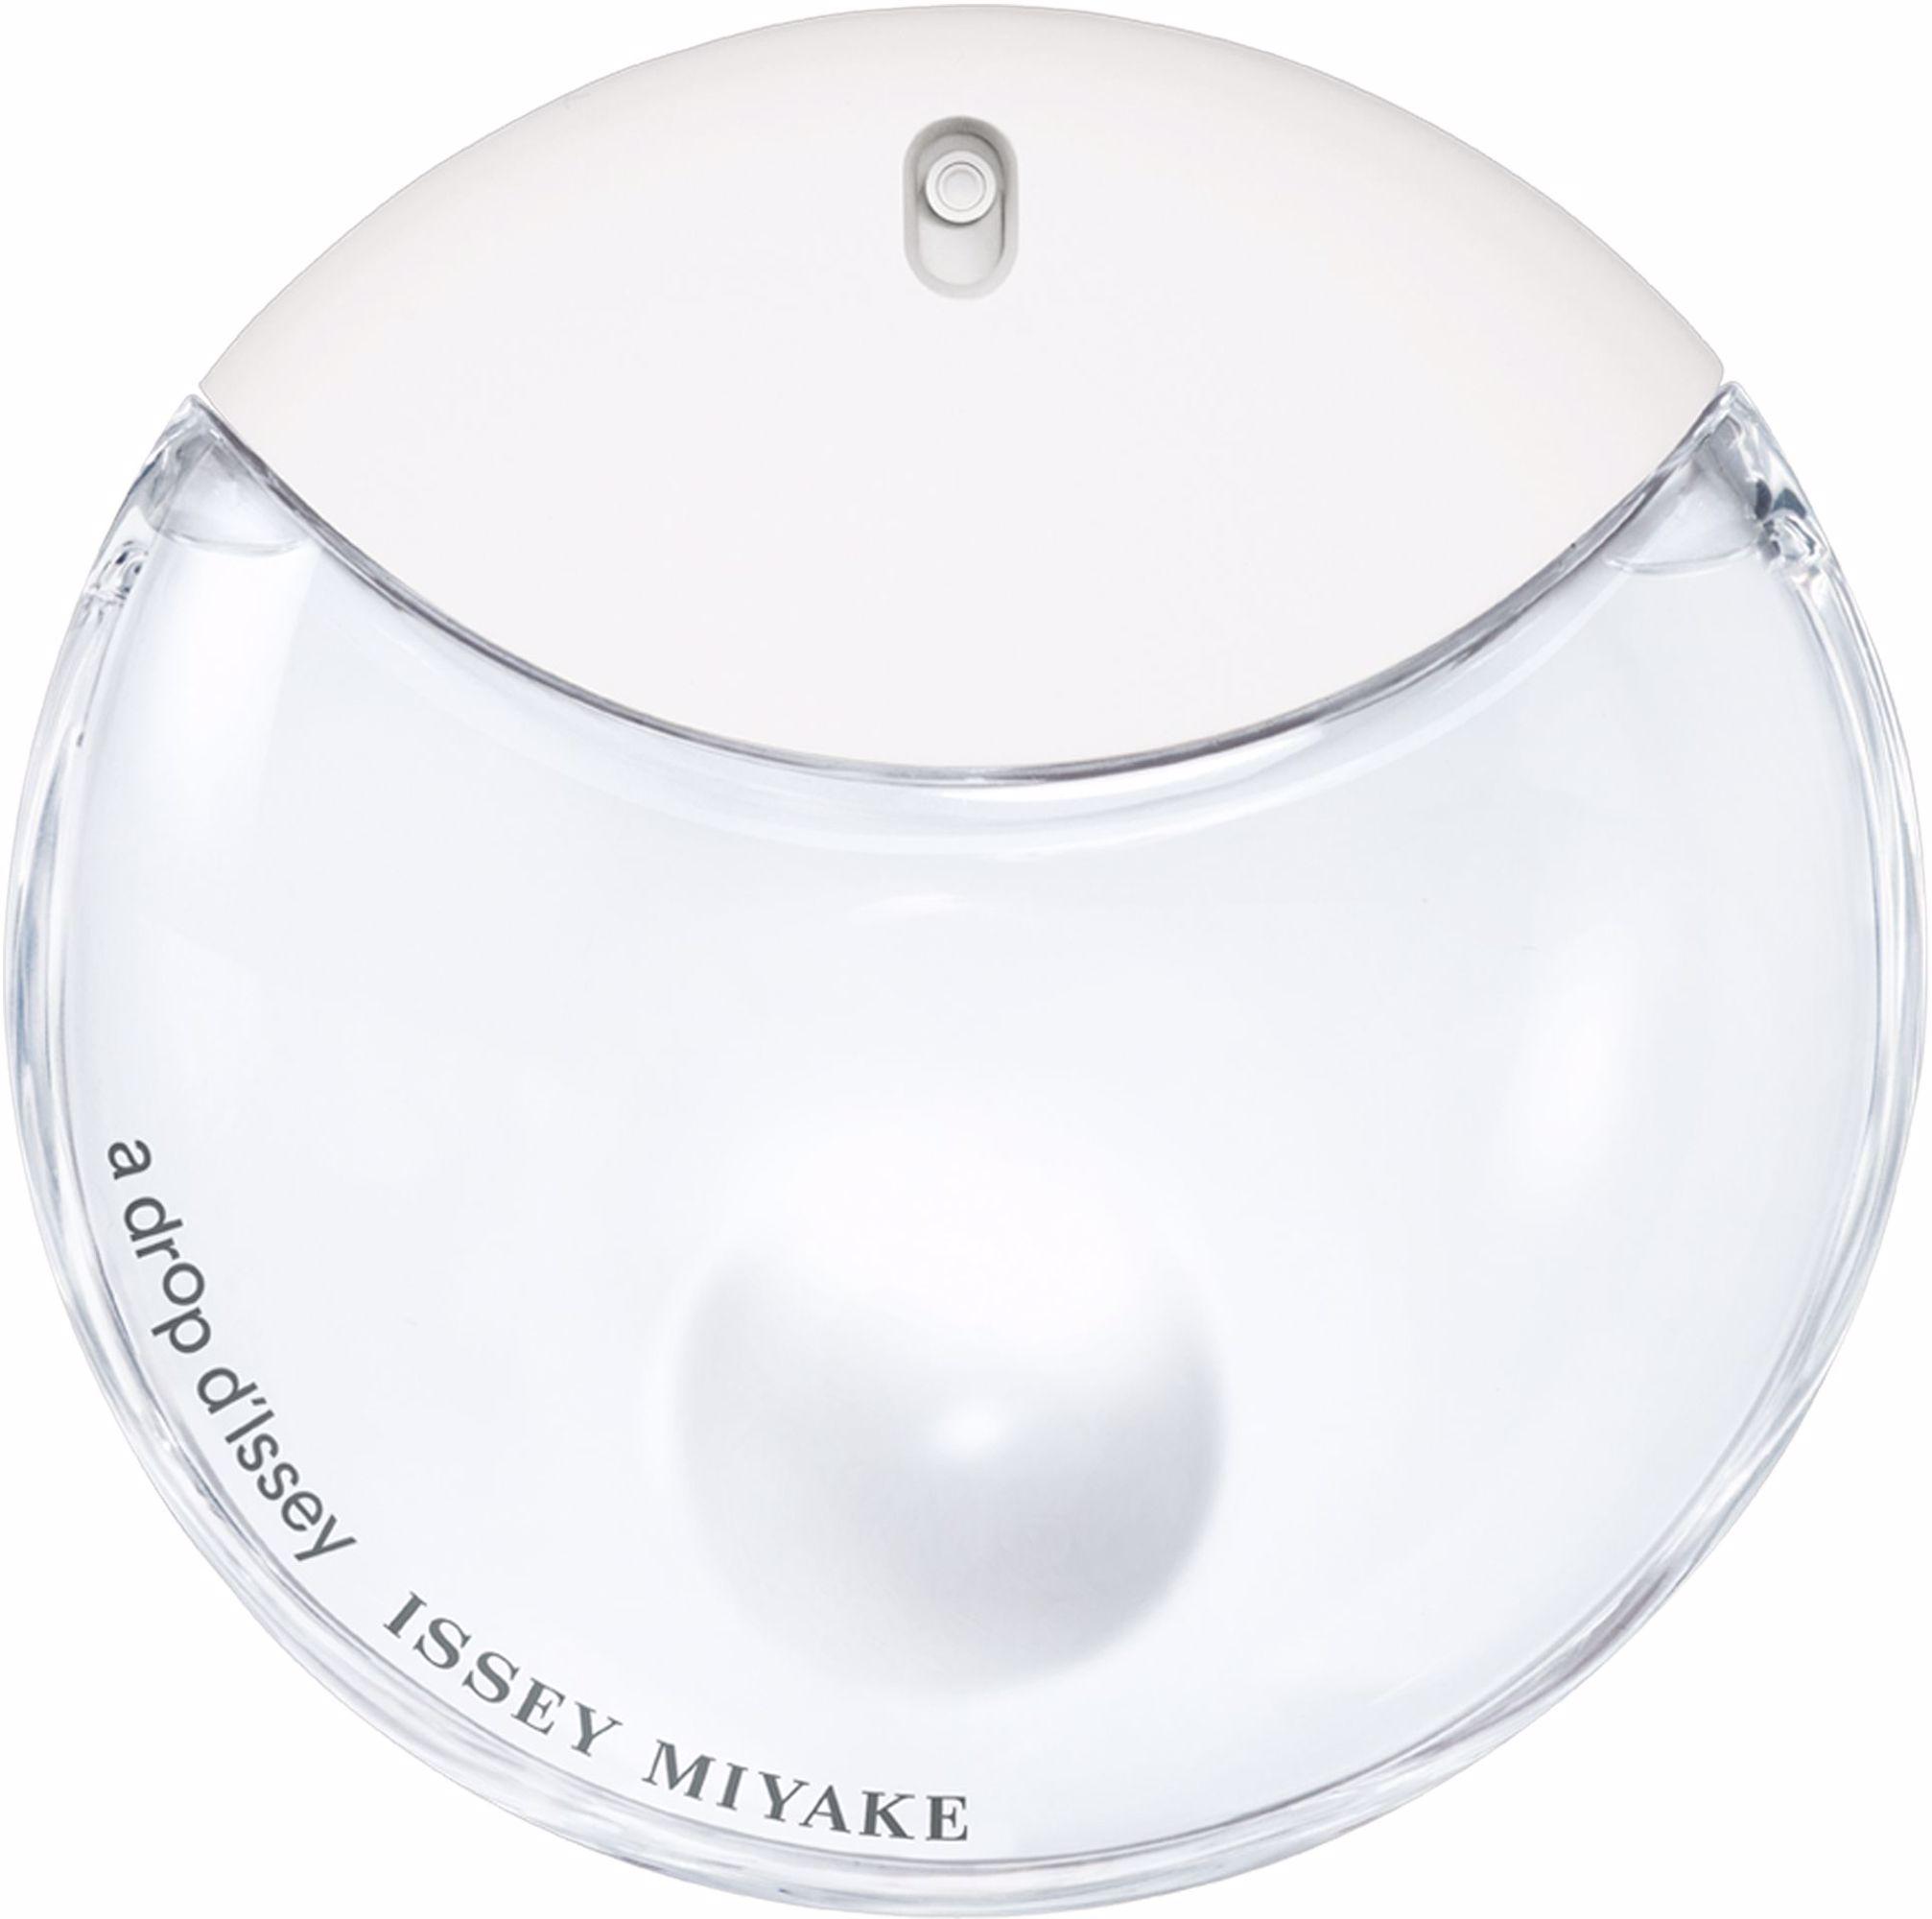 A Drop D'Issey Eau de Parfum